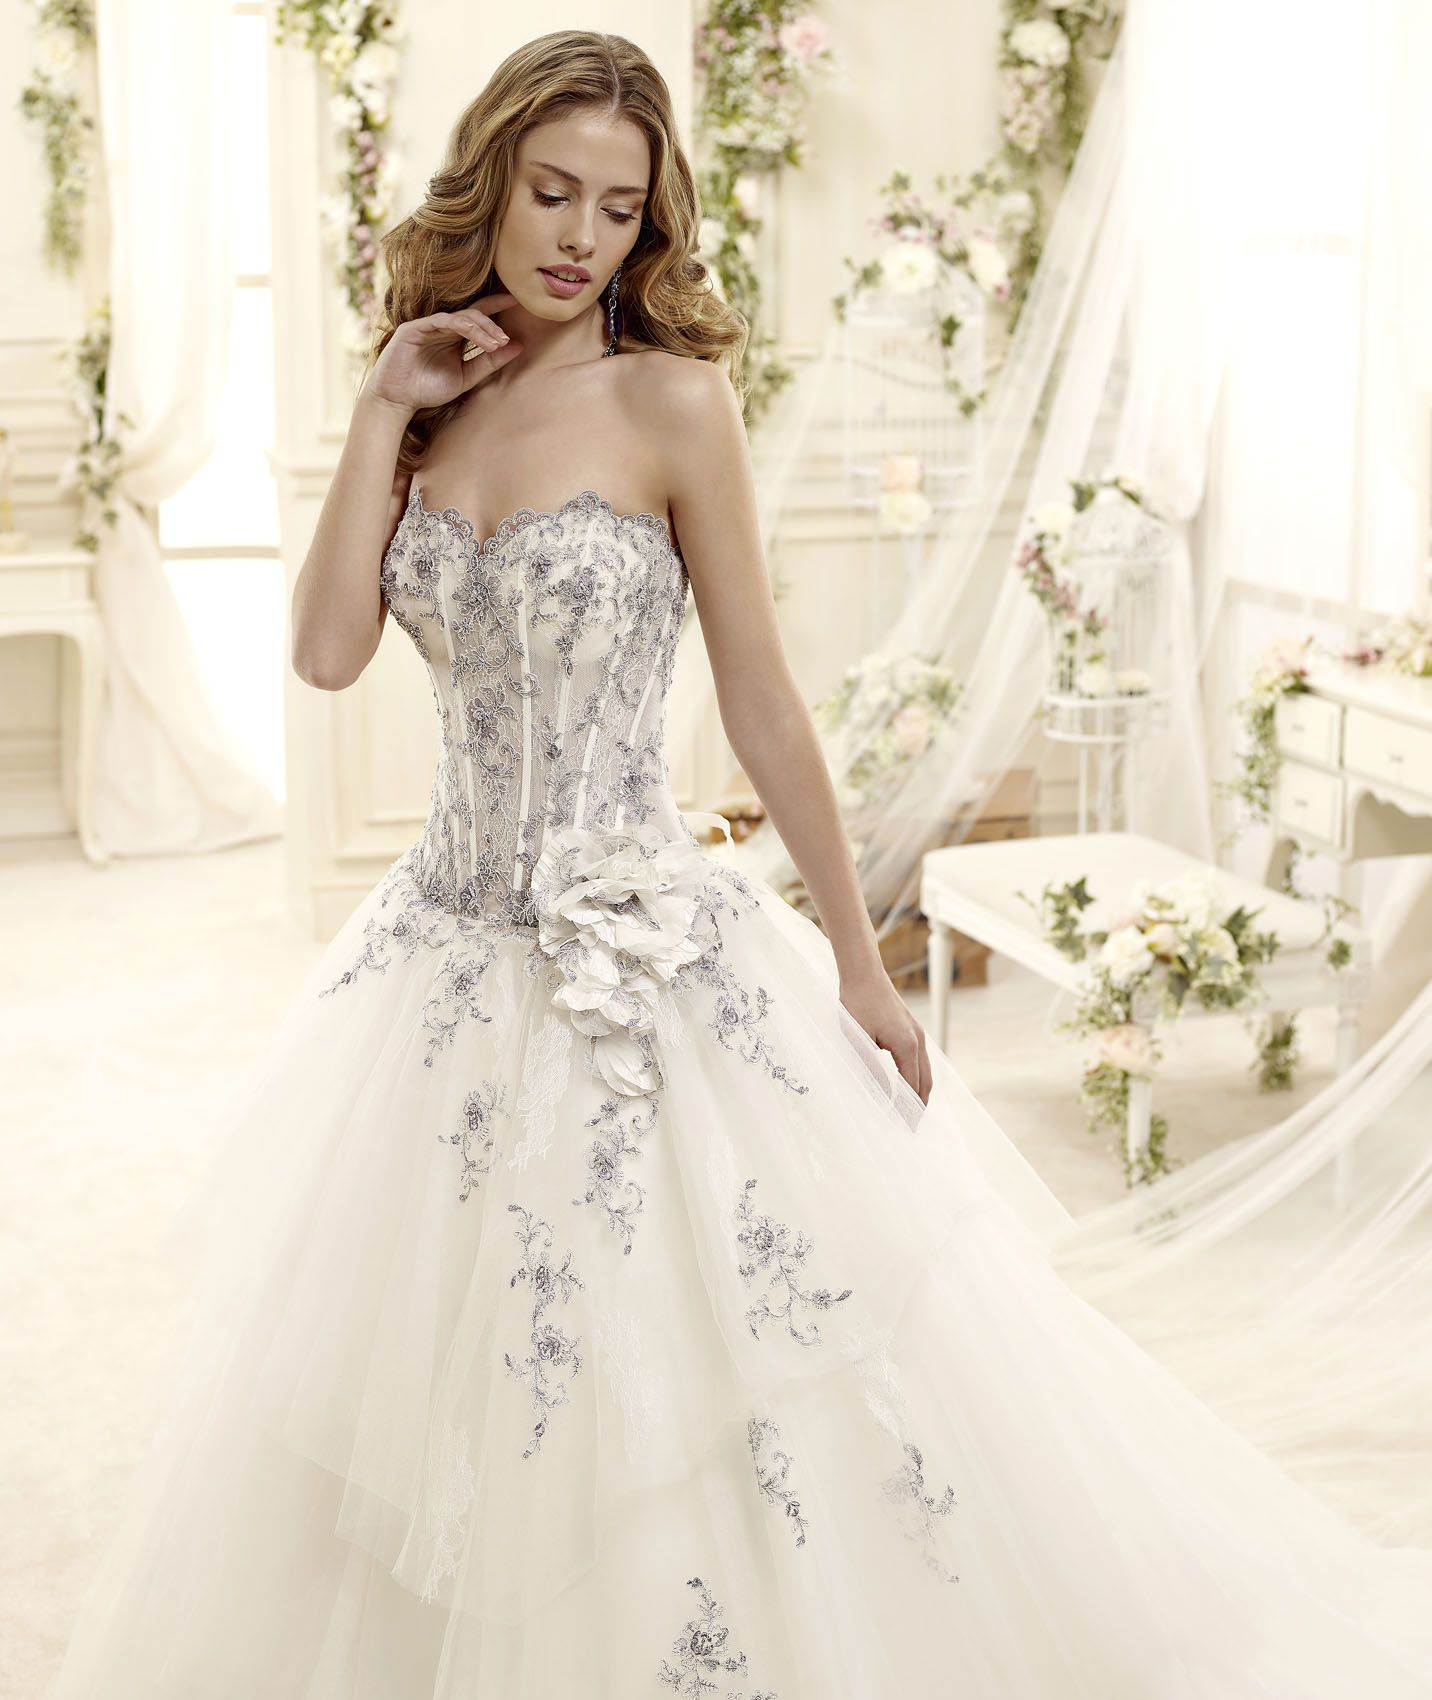 Colet 2015collection Weddingdress Nicolespose Http Www Nicolespose It It Abito Da Sposa Colet E Wedding Dresses Stunning Wedding Dresses Bridal Dresses